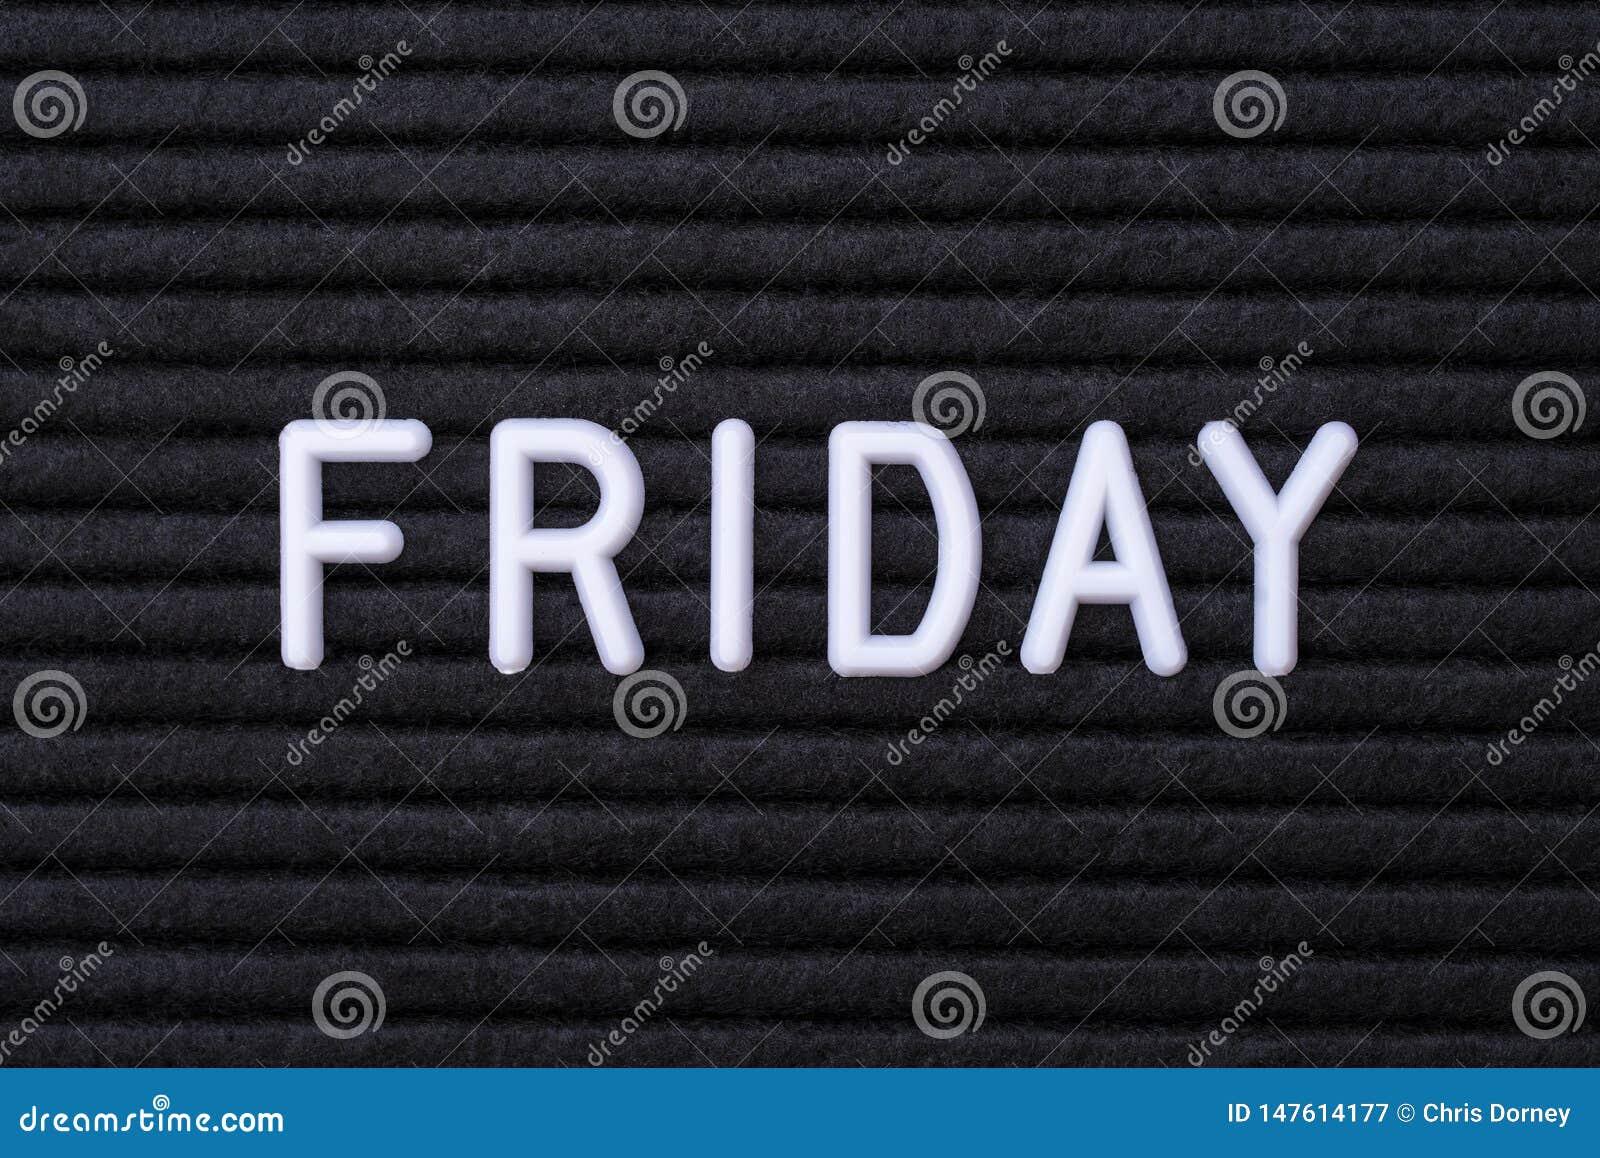 Ordet fredag